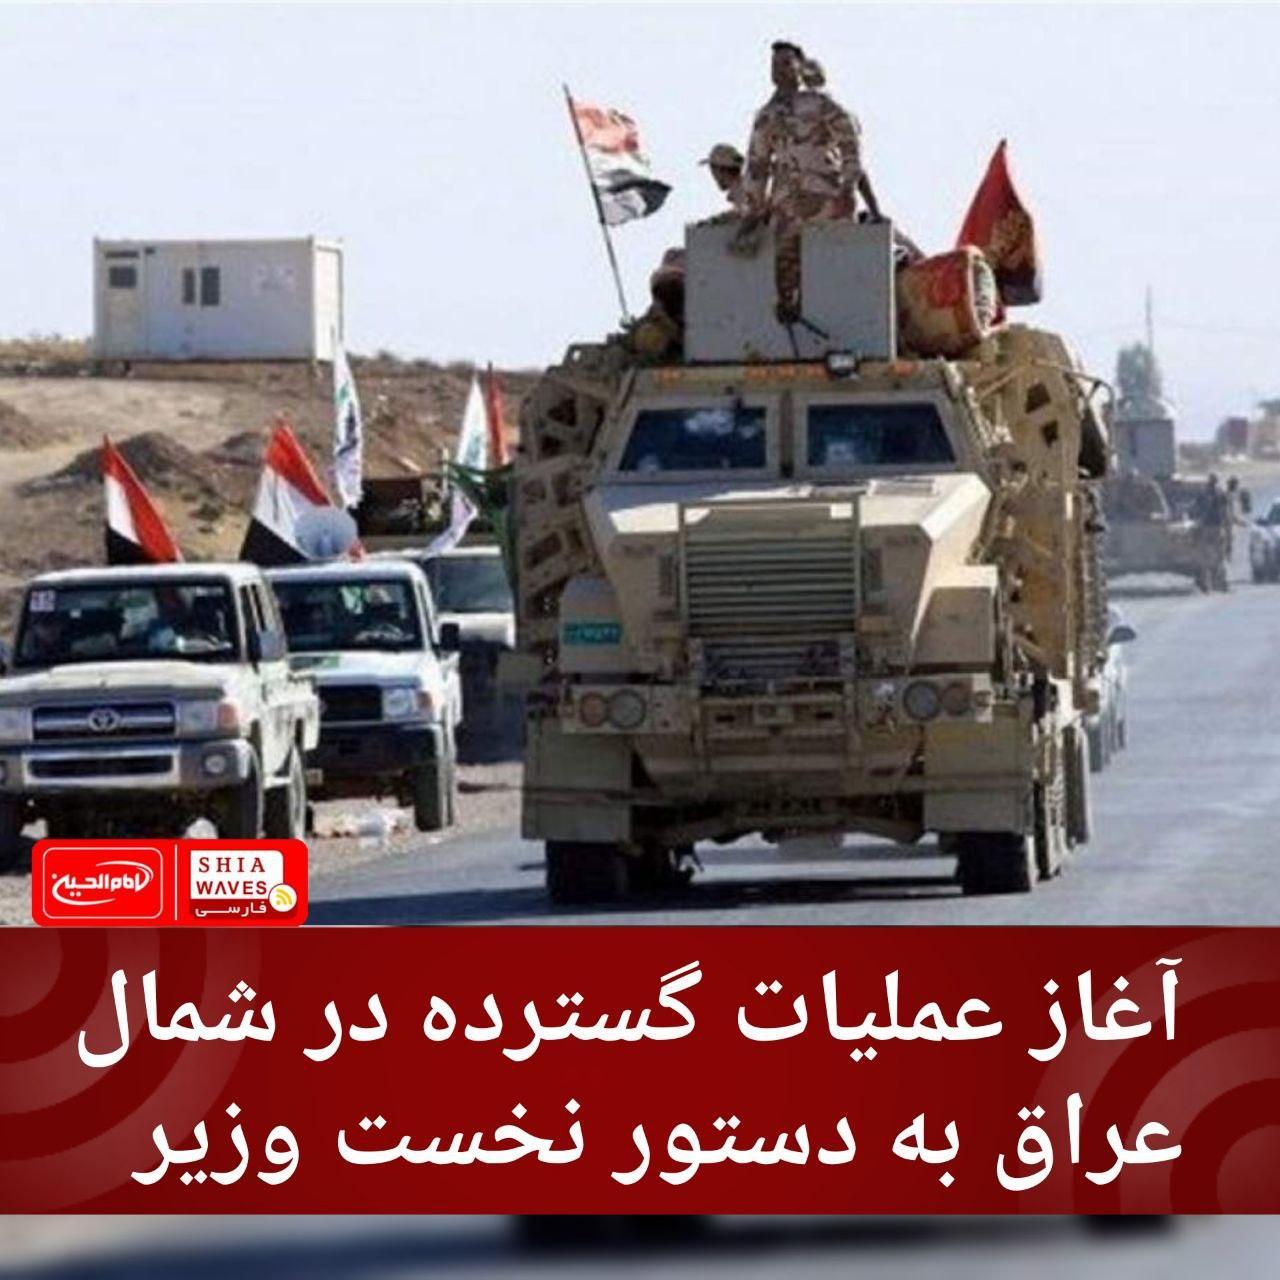 تصویر آغاز عملیات گسترده در شمال عراق به دستور نخست وزیر